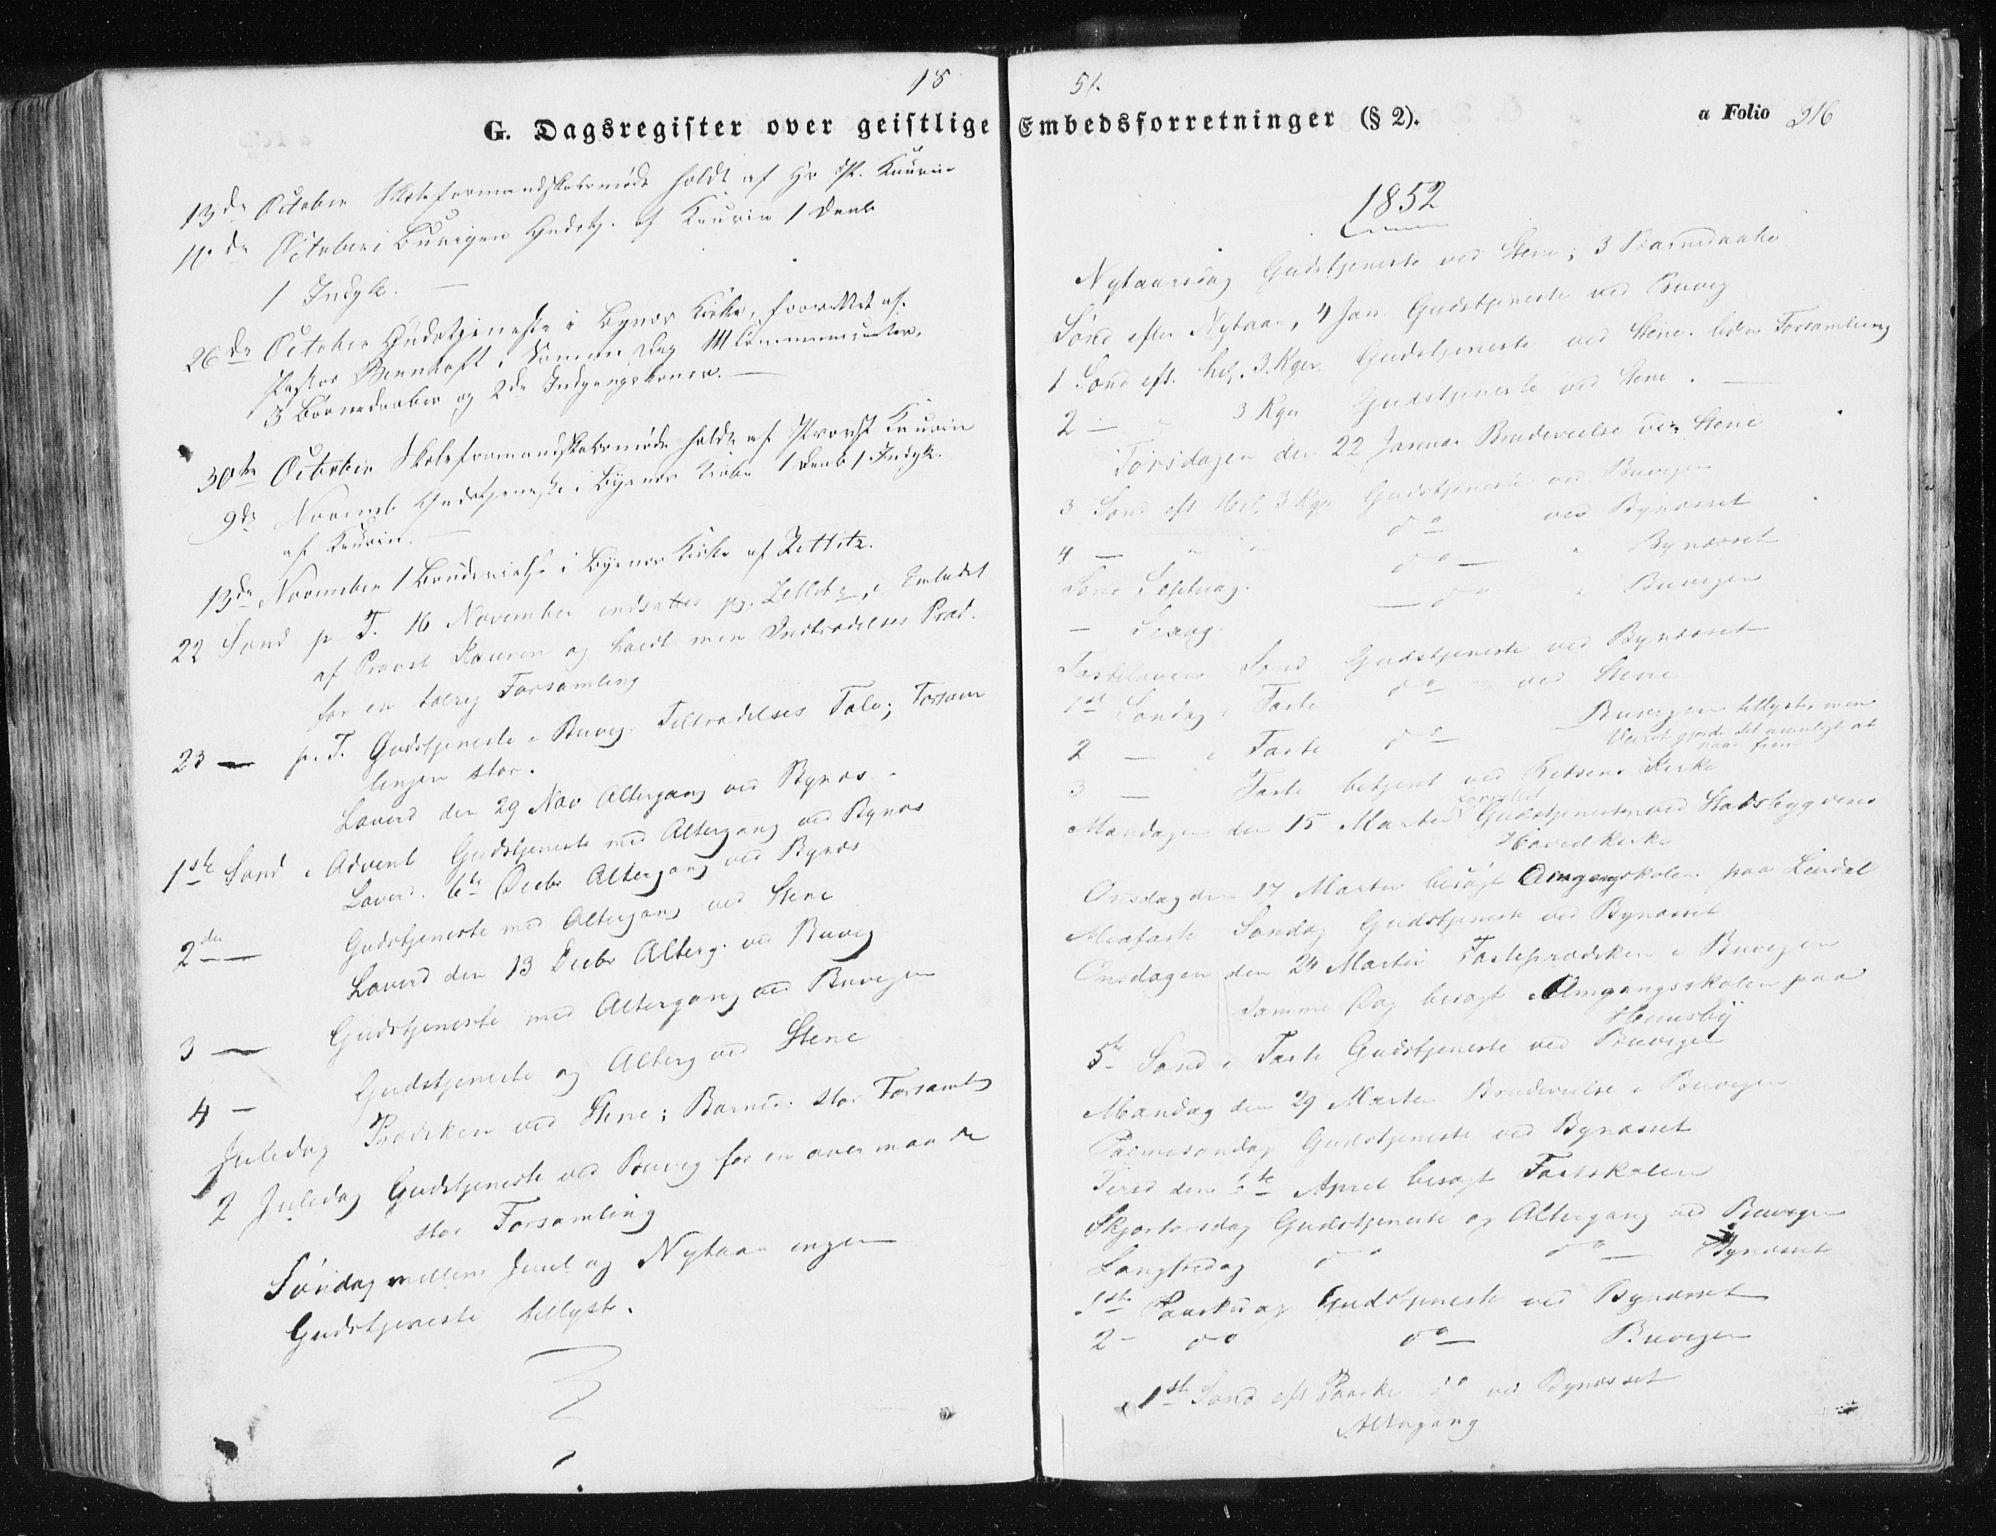 SAT, Ministerialprotokoller, klokkerbøker og fødselsregistre - Sør-Trøndelag, 612/L0376: Ministerialbok nr. 612A08, 1846-1859, s. 316